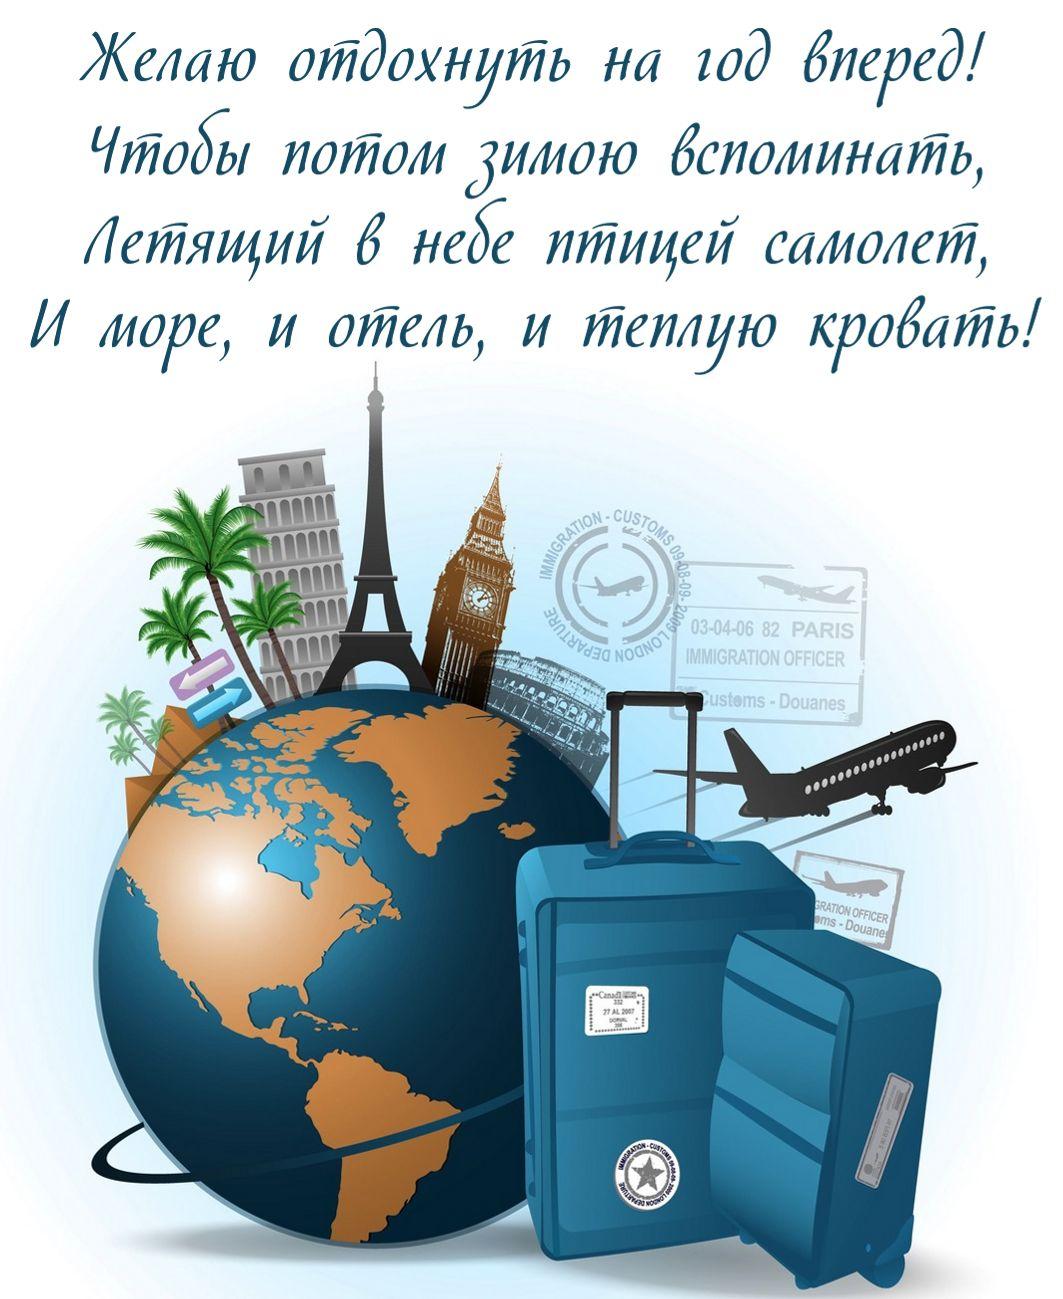 Поздравление с пожеланием путешествий